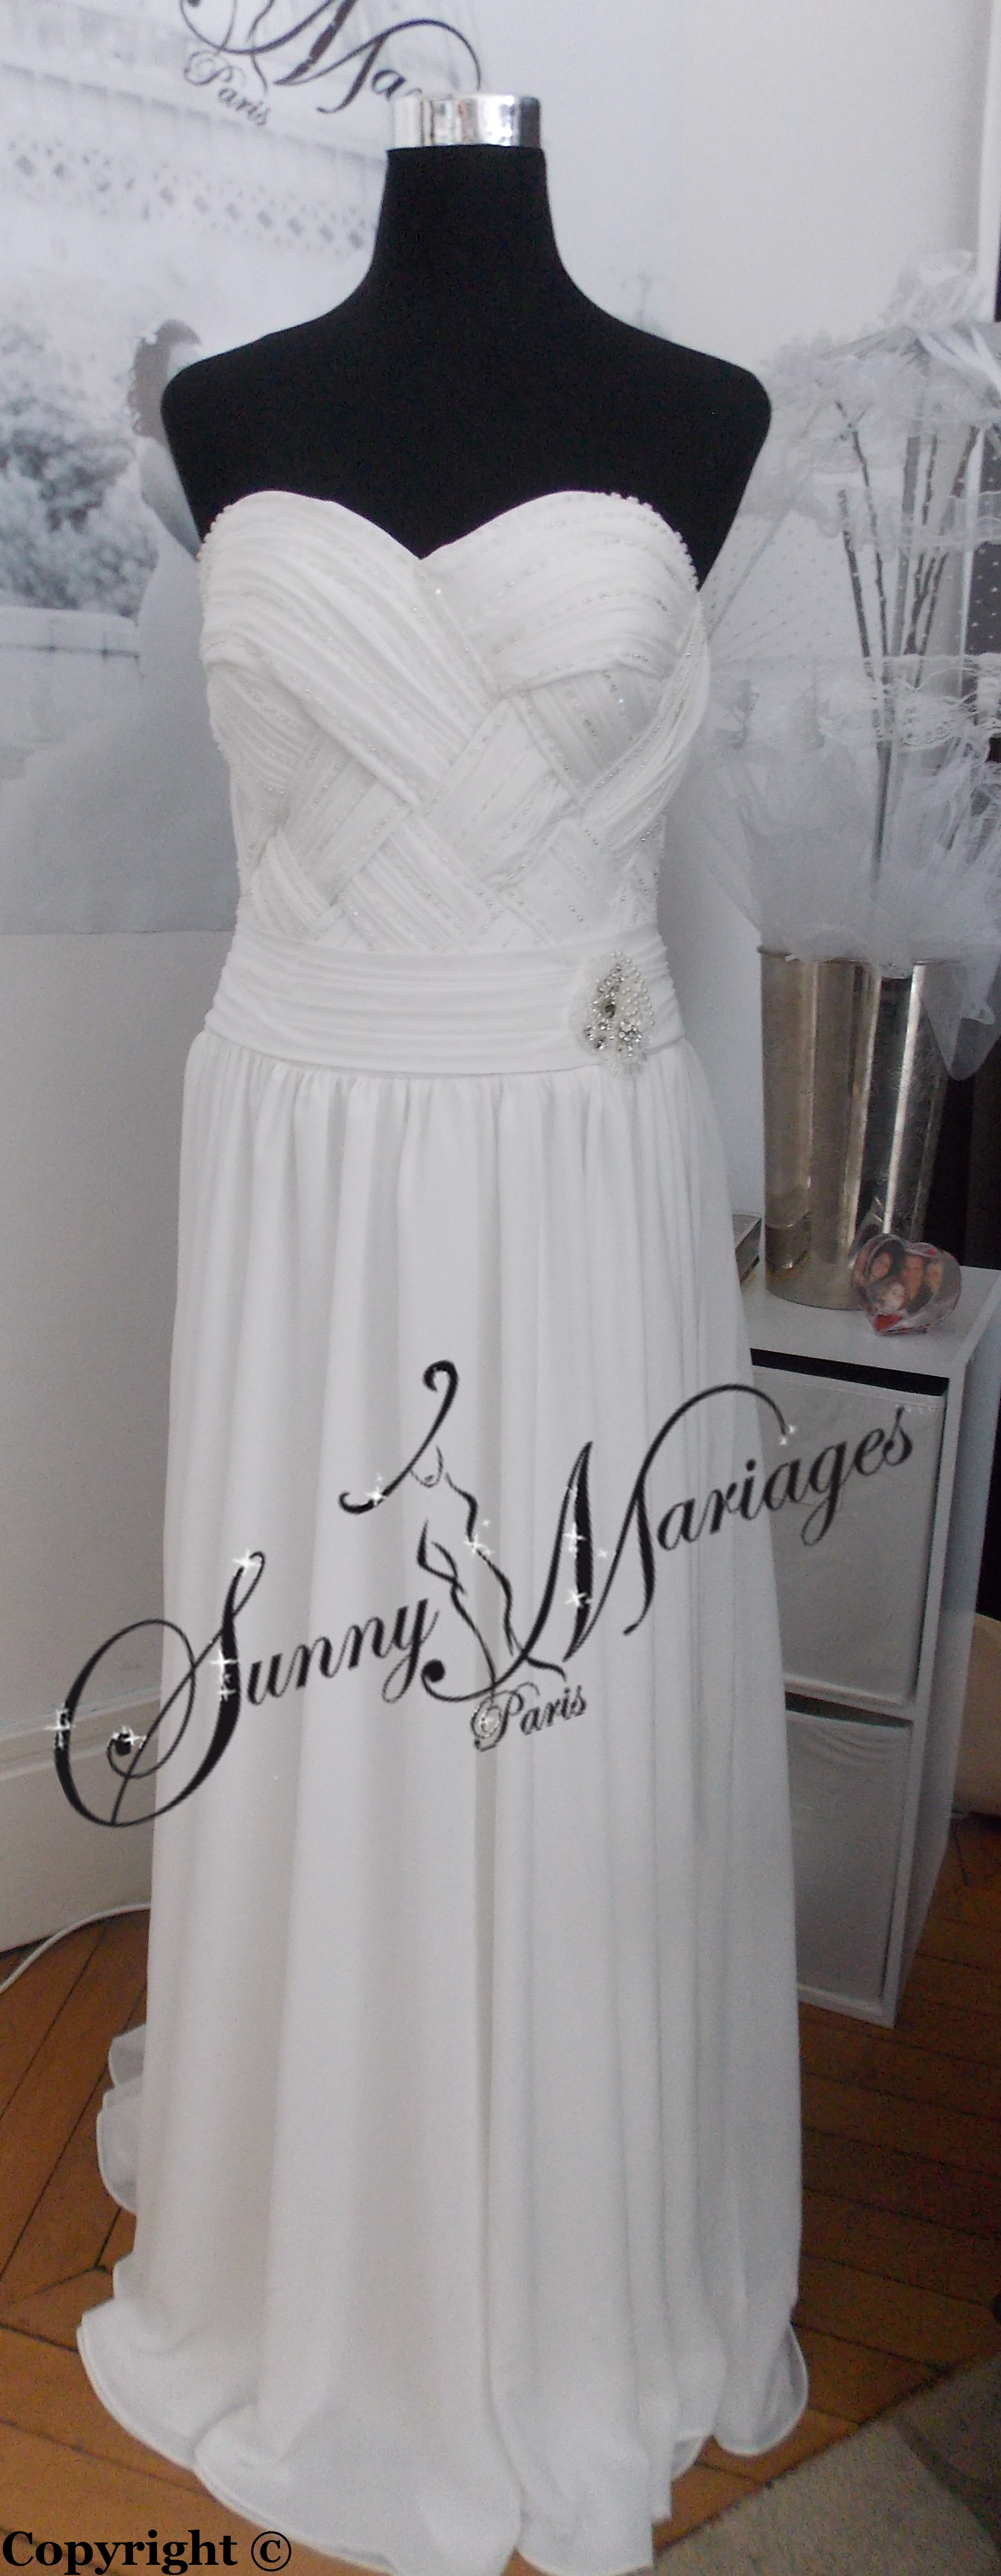 robe de mariee originale et pas chere en vente en ligne site francais ...